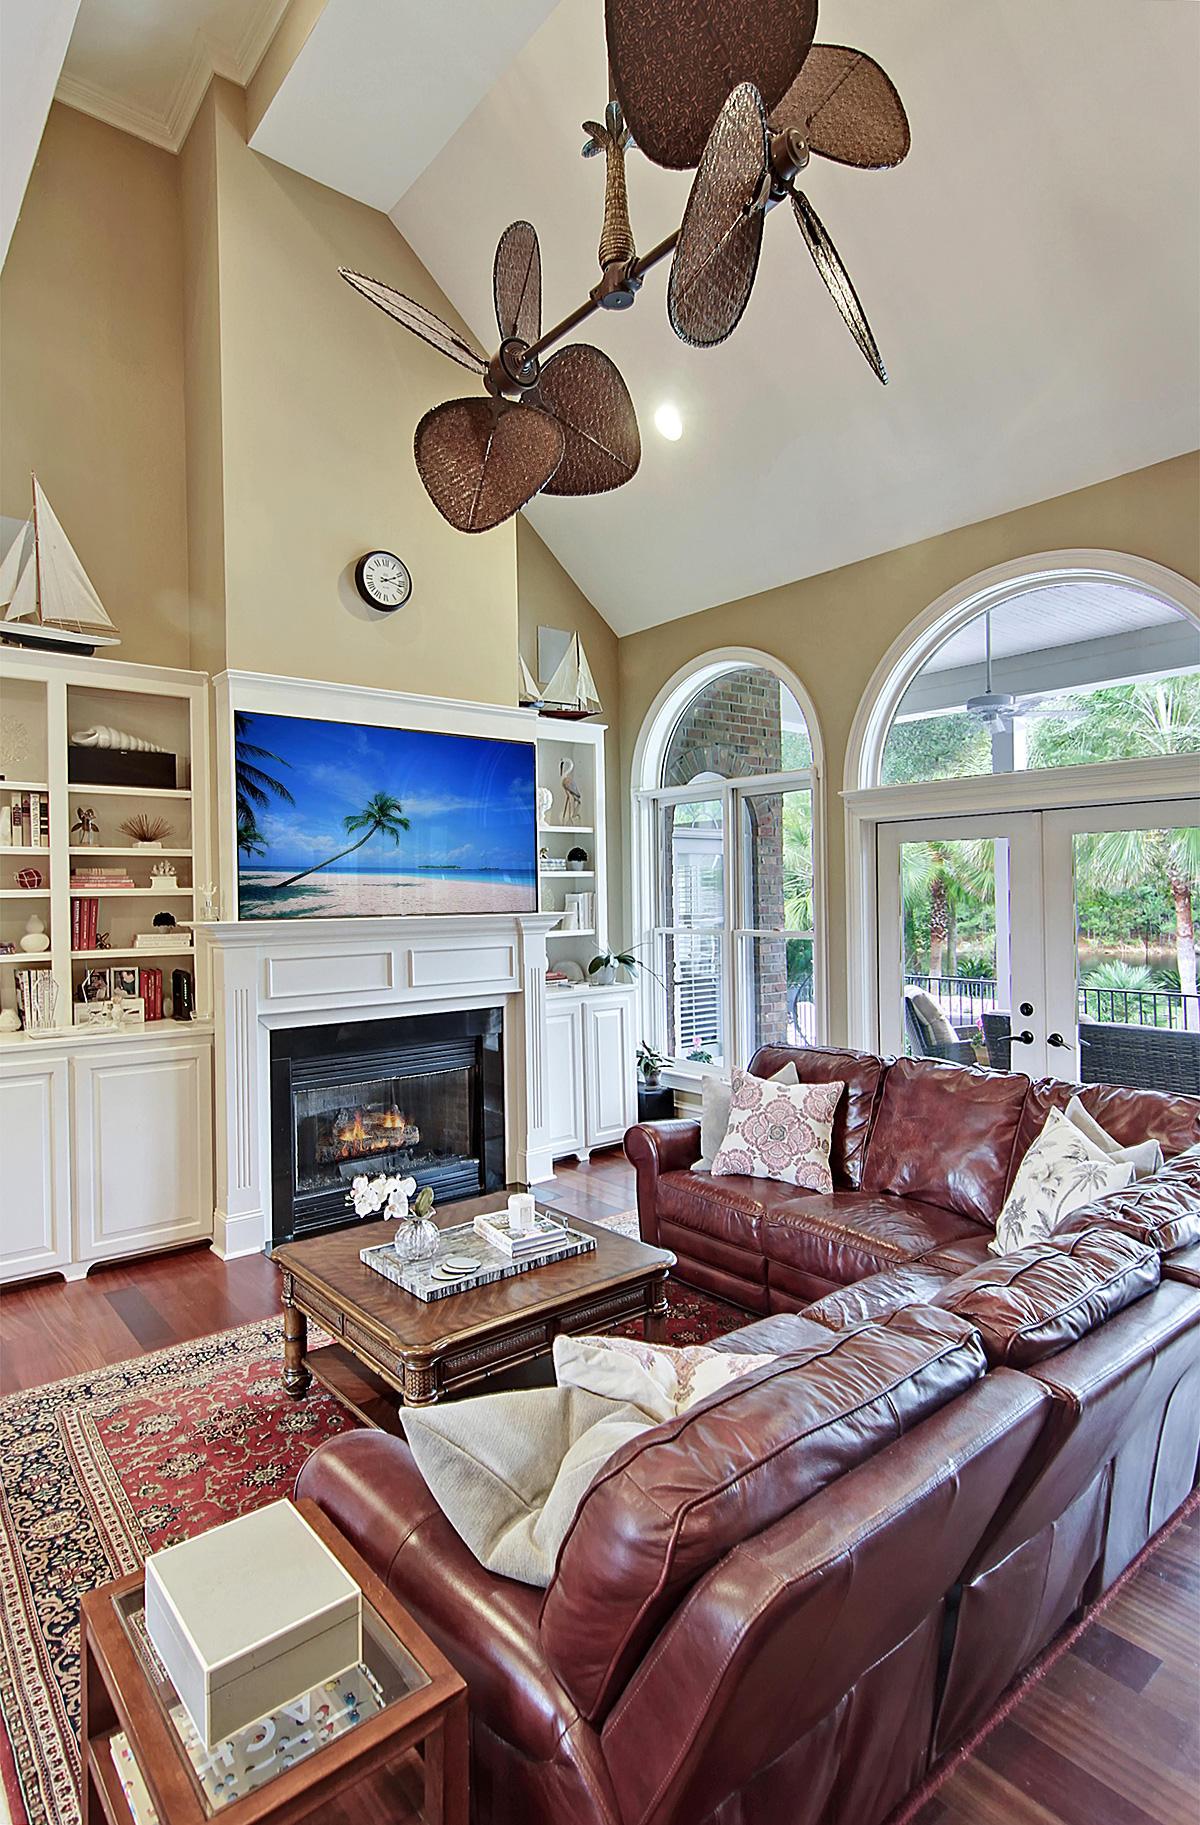 Dunes West Homes For Sale - 1054 Deer Park, Mount Pleasant, SC - 31